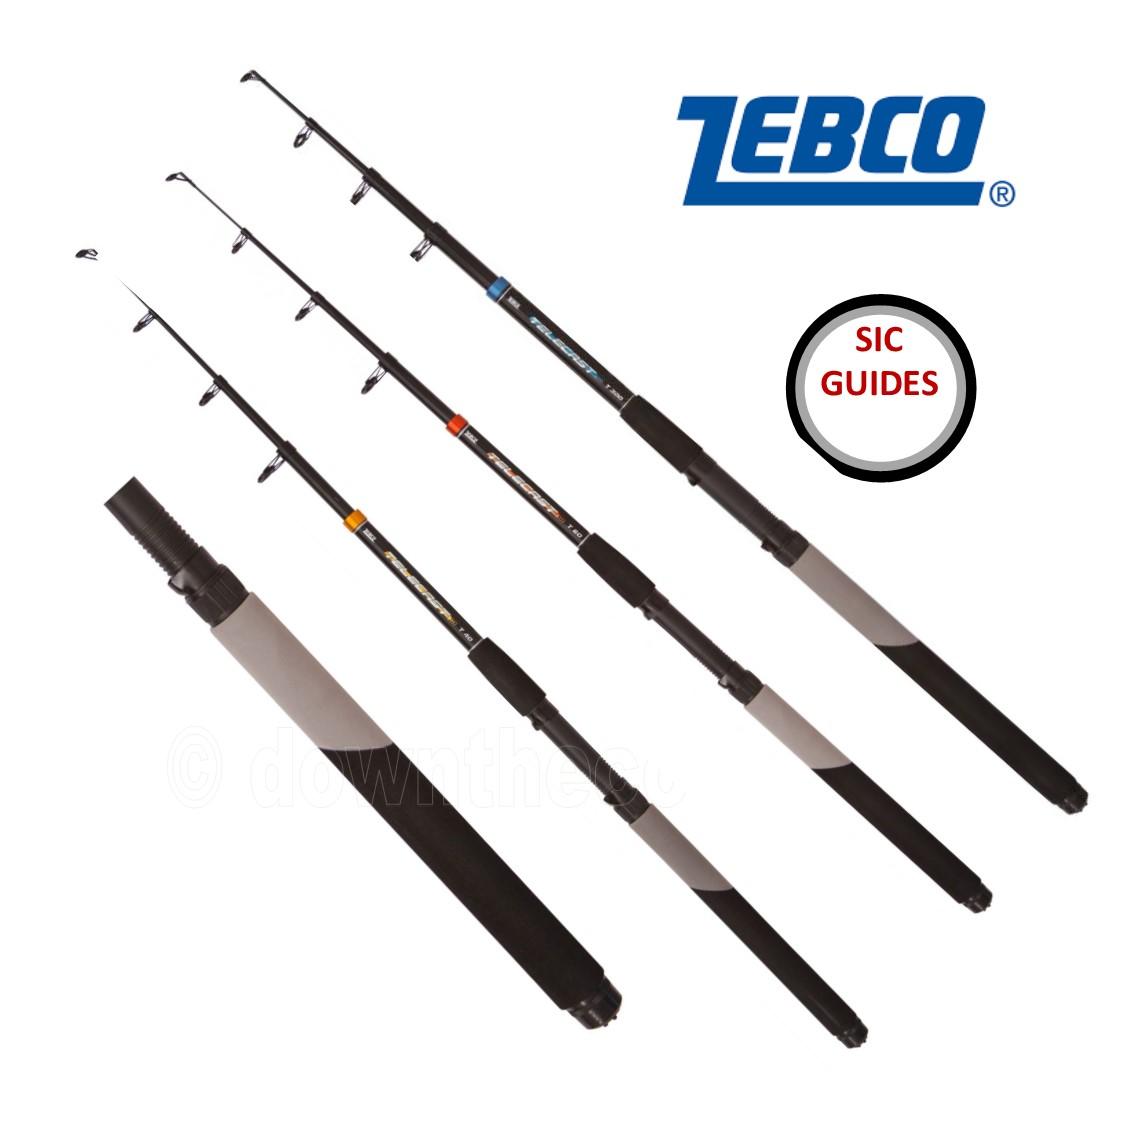 zebco-telecast-300